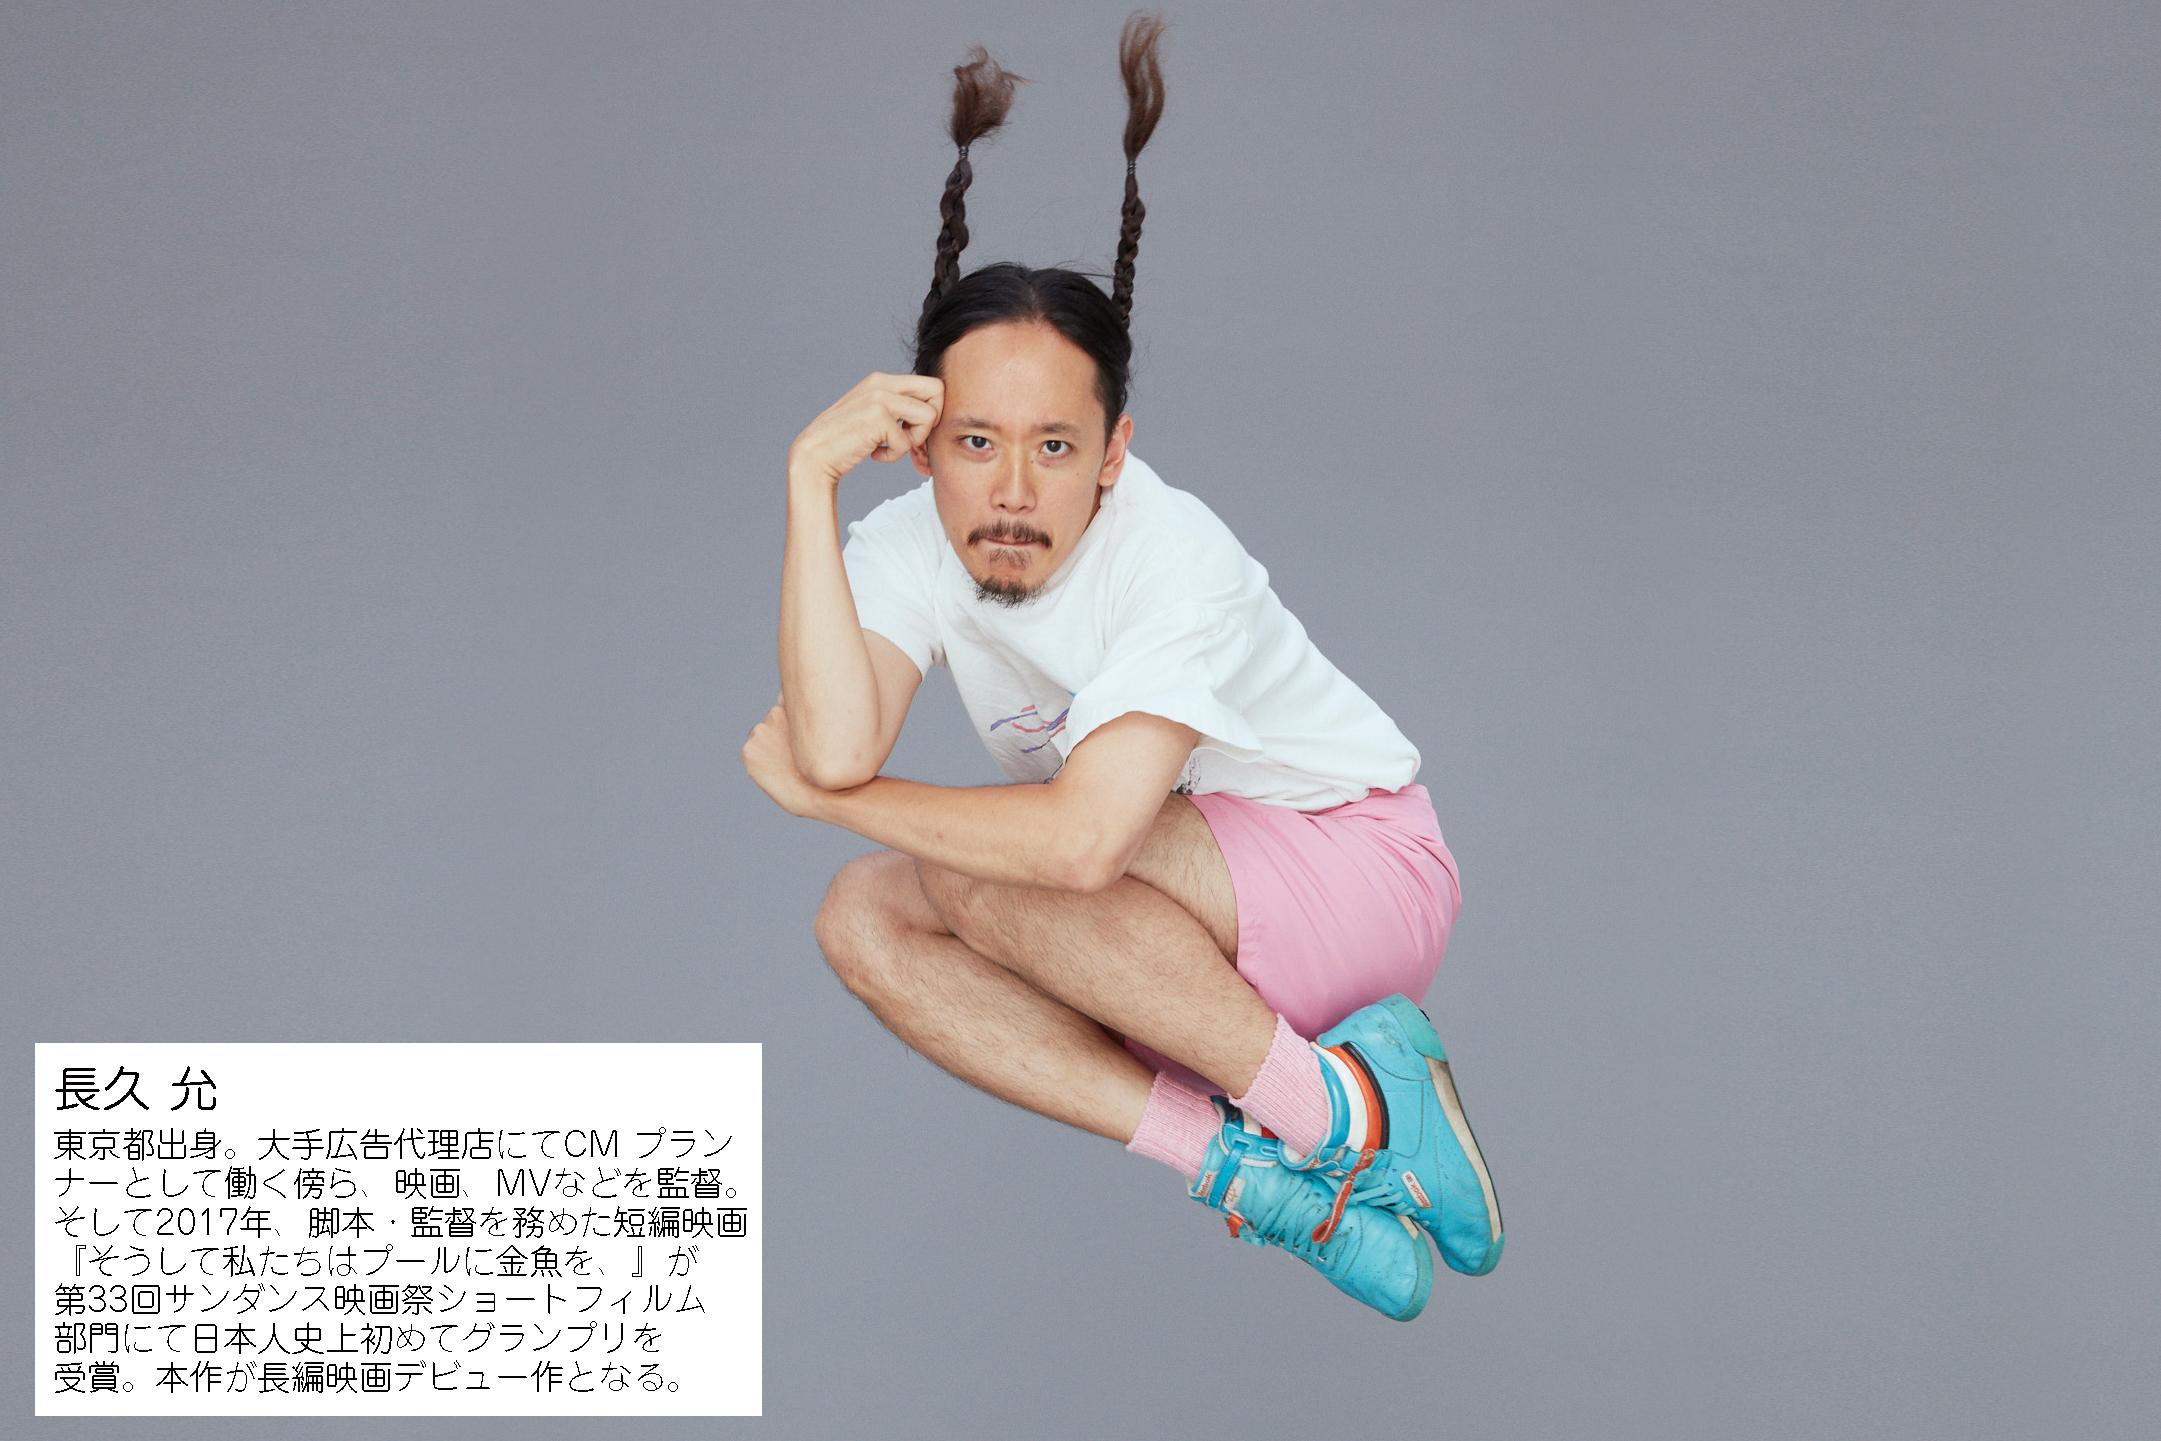 Worker's file VOL.2 映画監督 長久 允